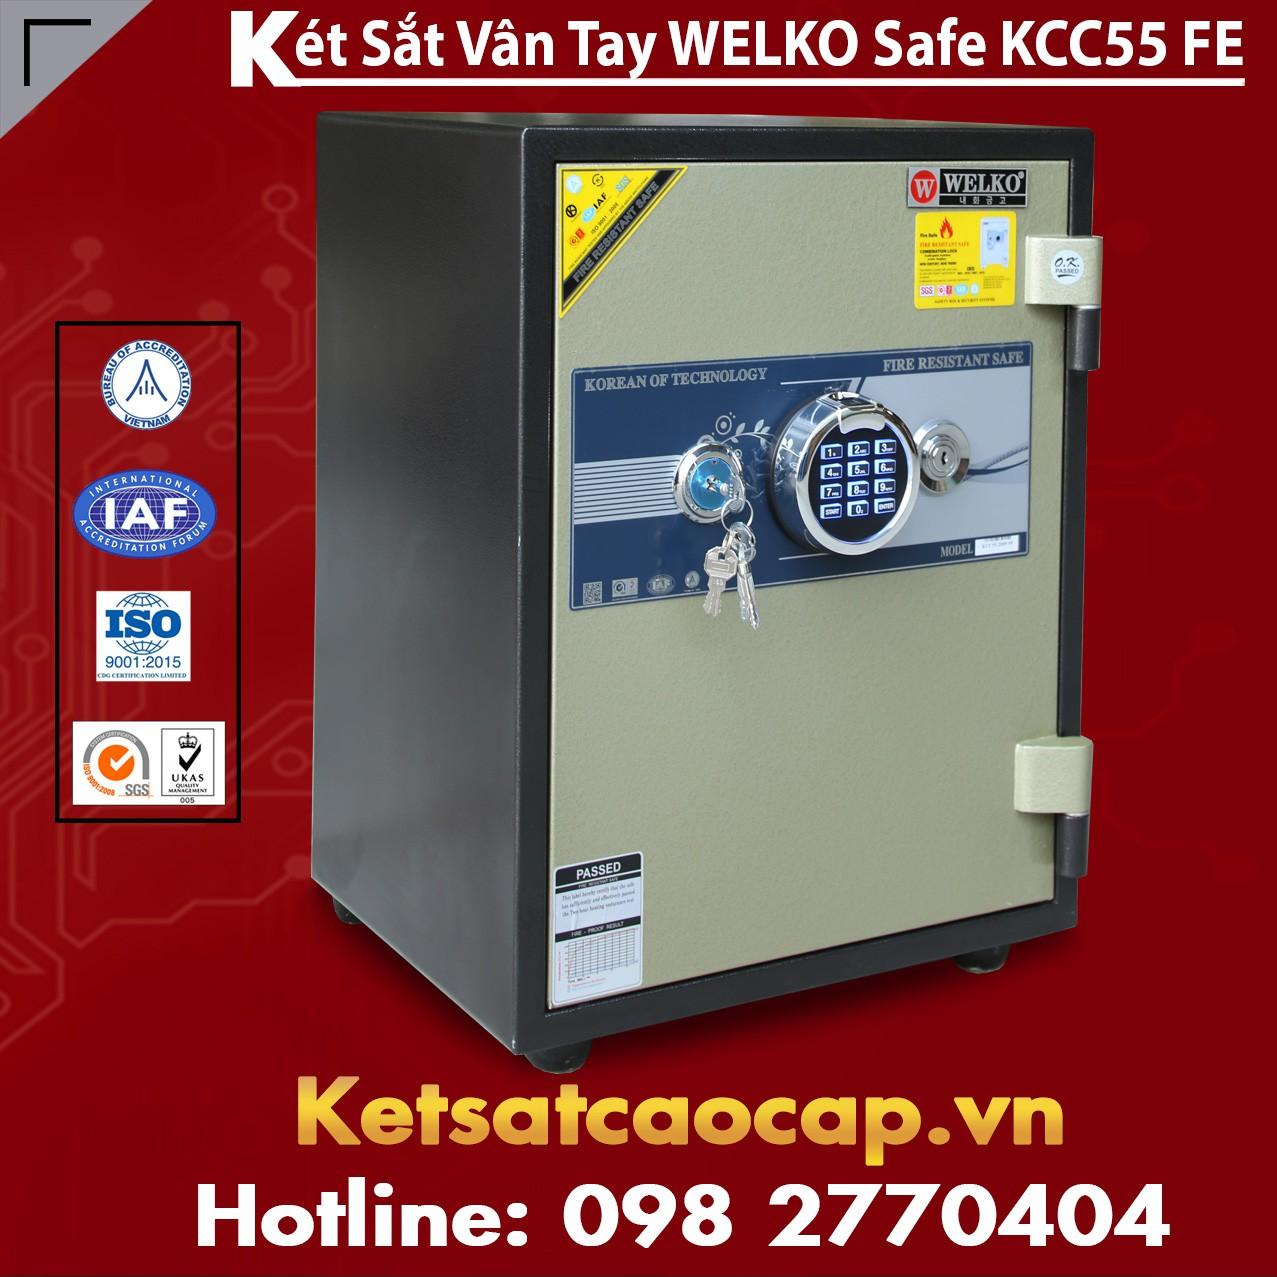 Két Sắt Vân Tay WELKO KCC55 FE